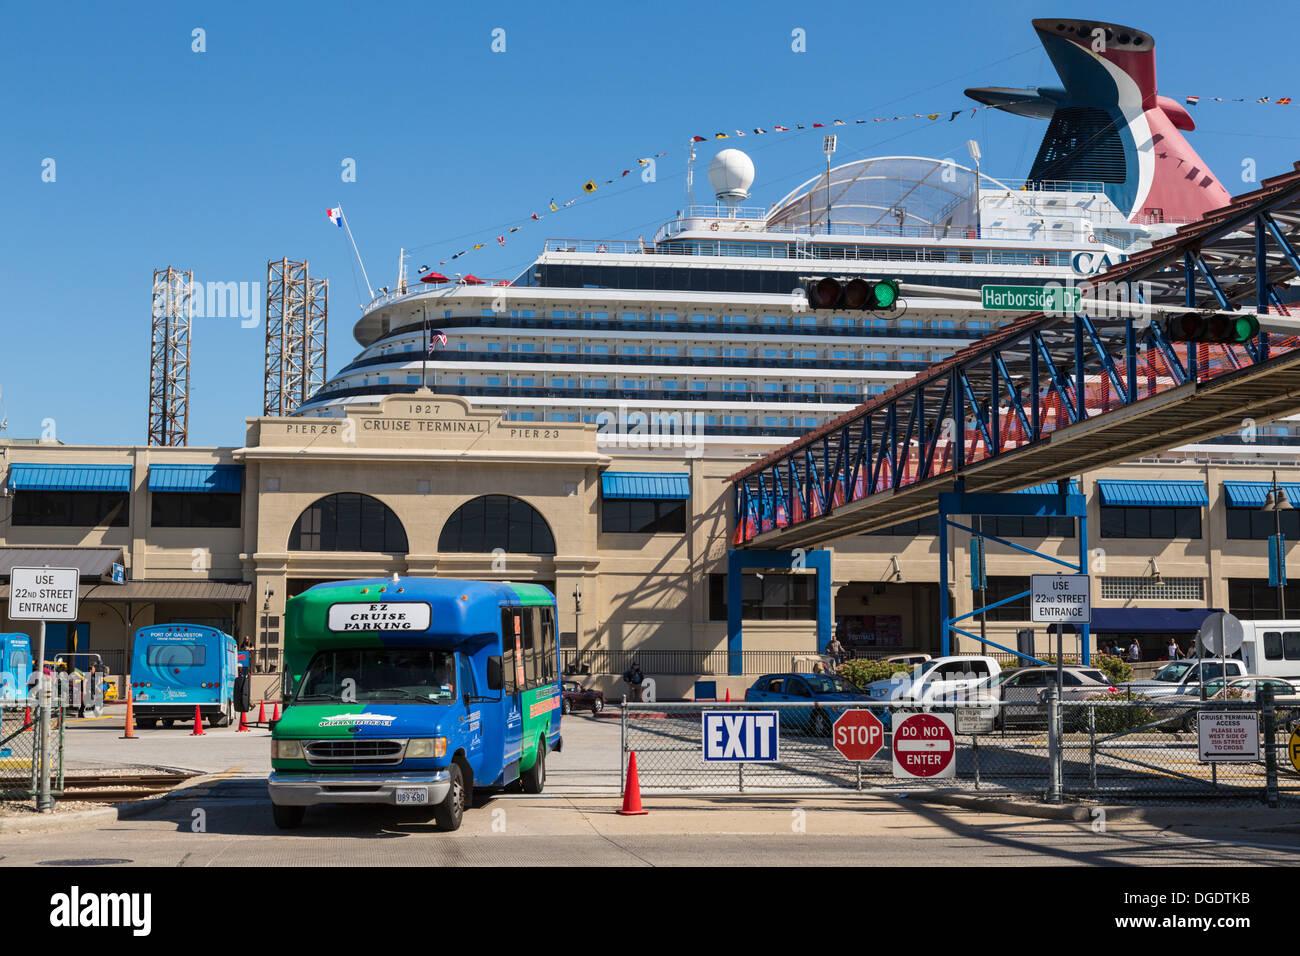 Carnival Magic Cruise Ship Docked At Galveston Texas USA Stock - Cruise ship galveston